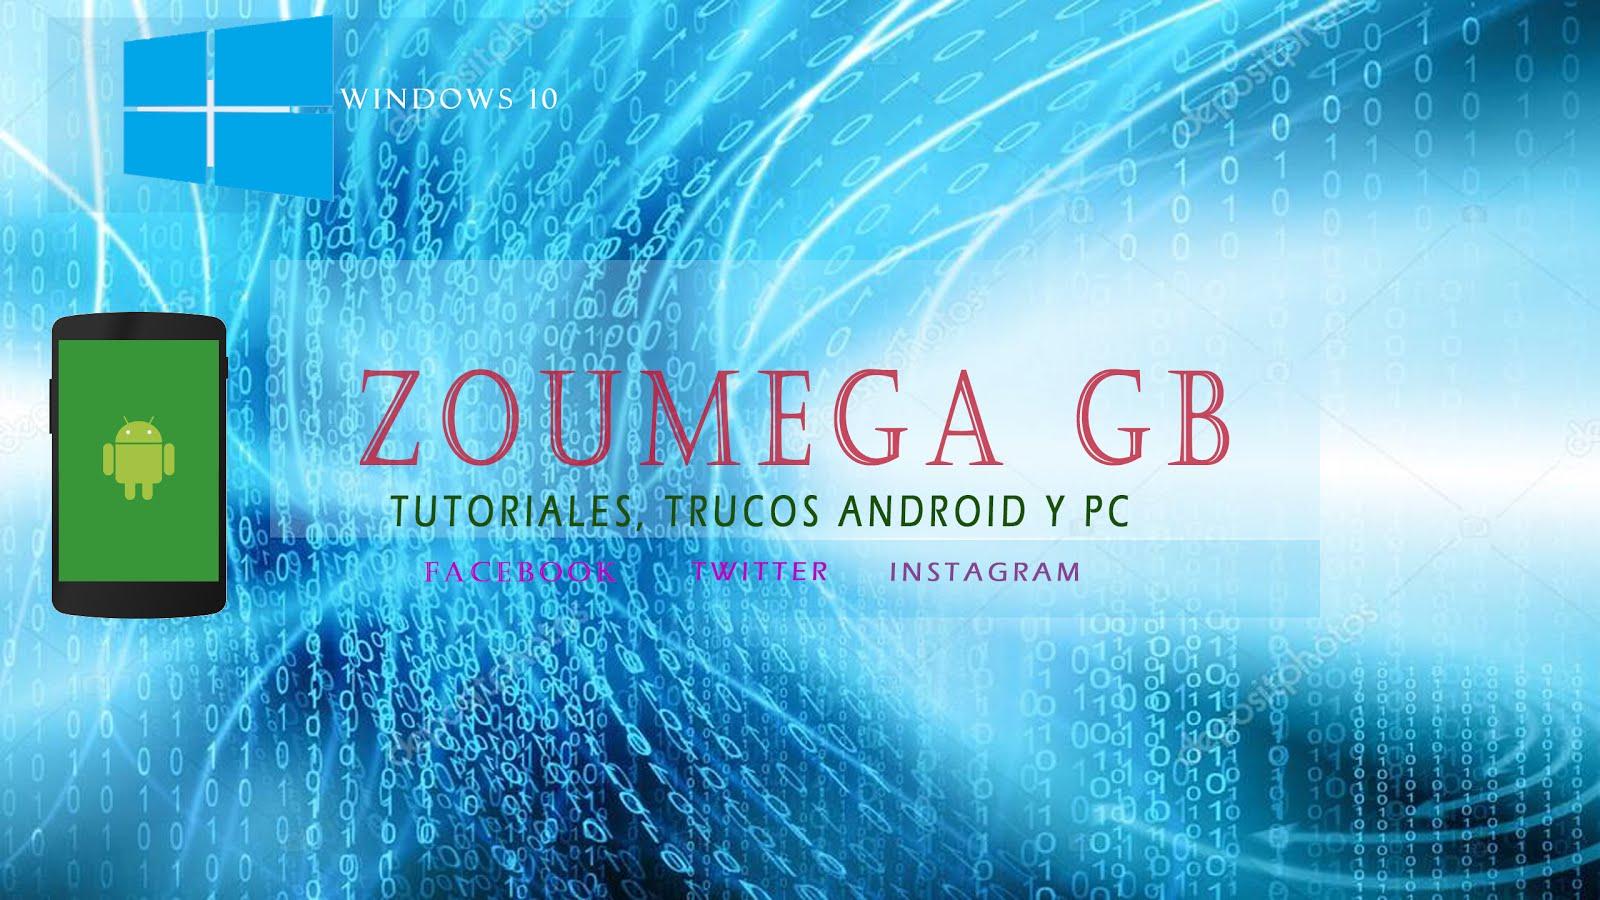 ZouMega GB